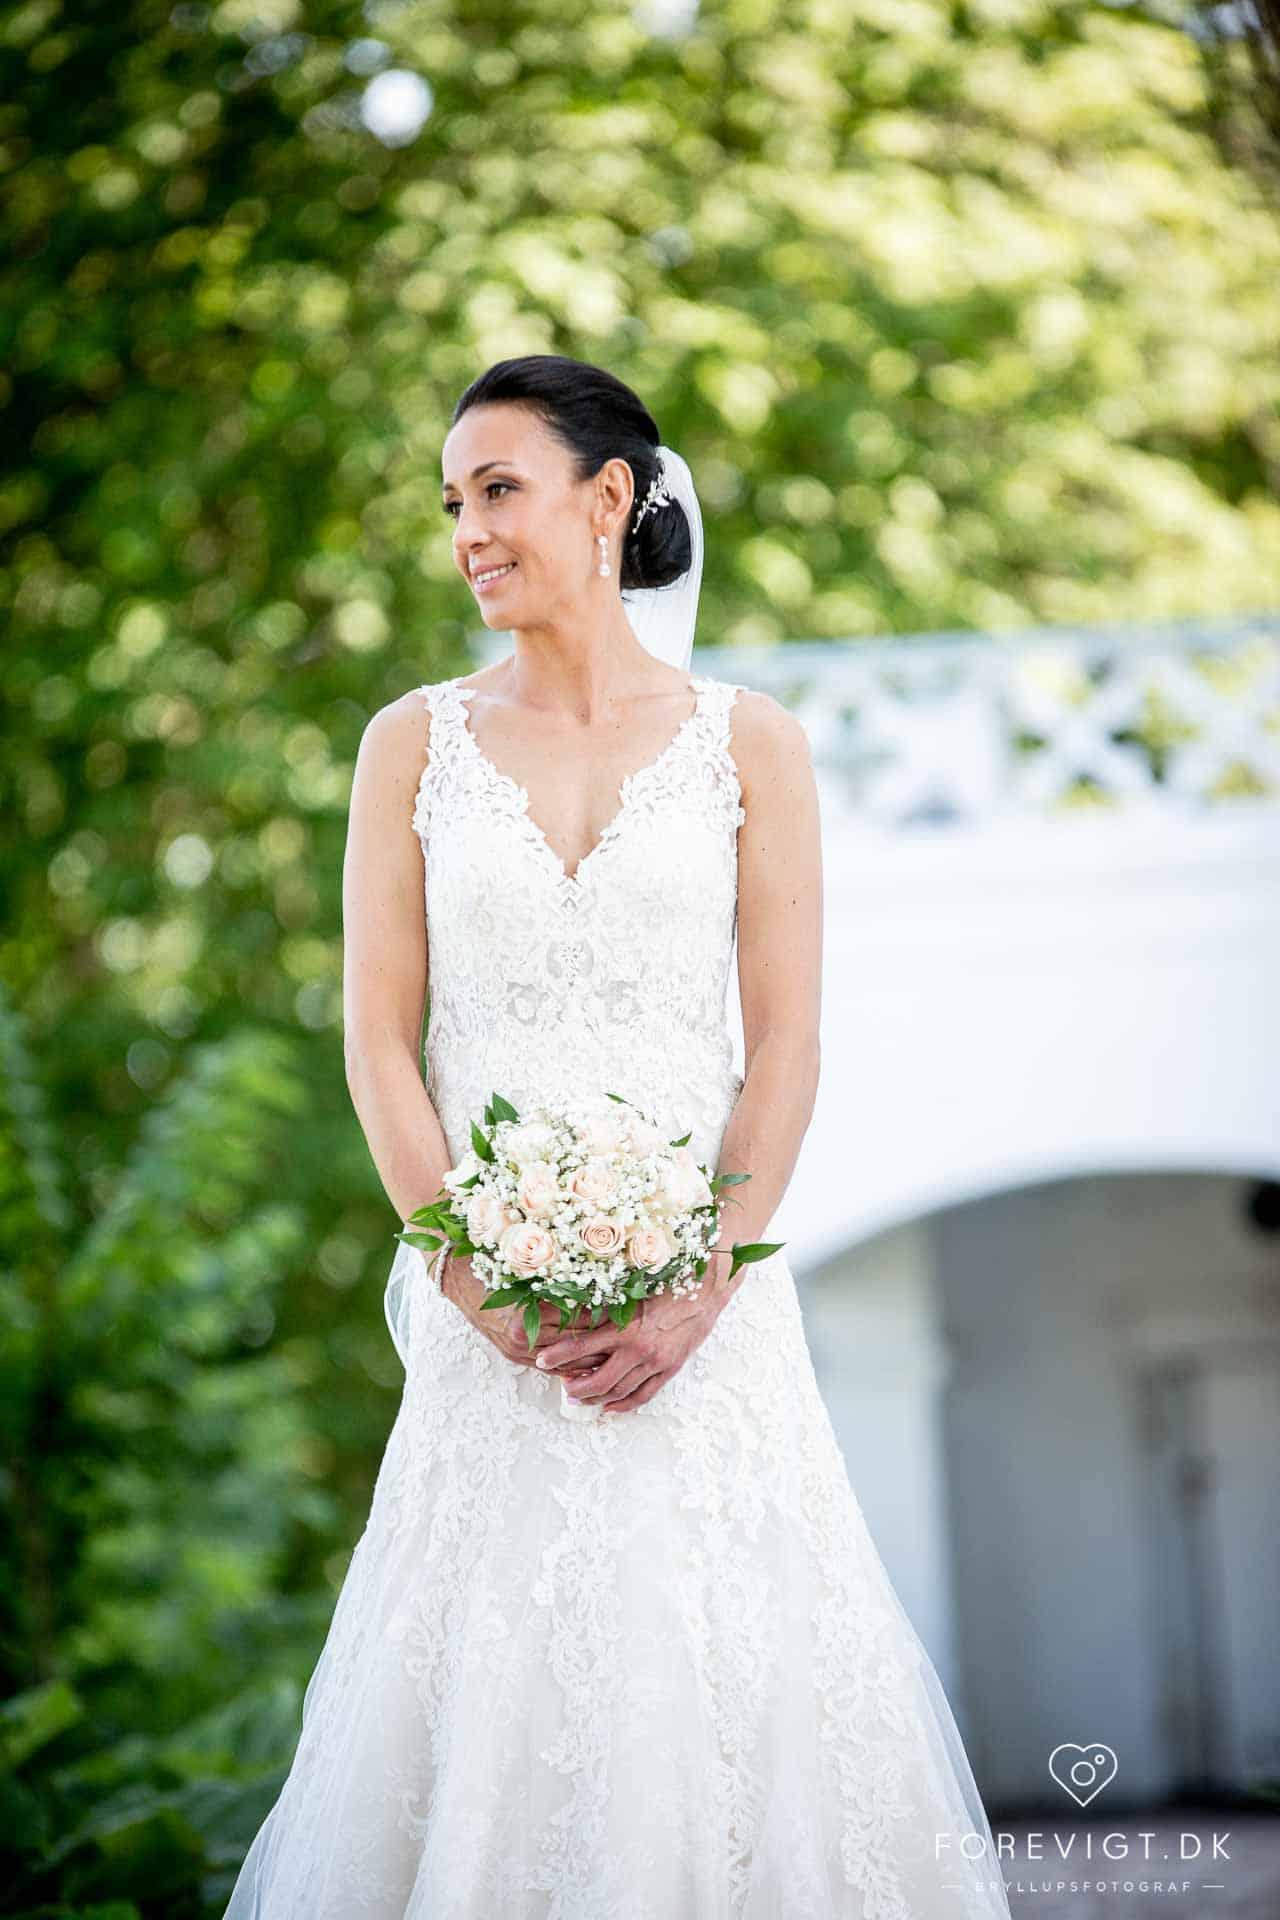 Glem ikke de formelle bryllupsbilleder til dit bryllup